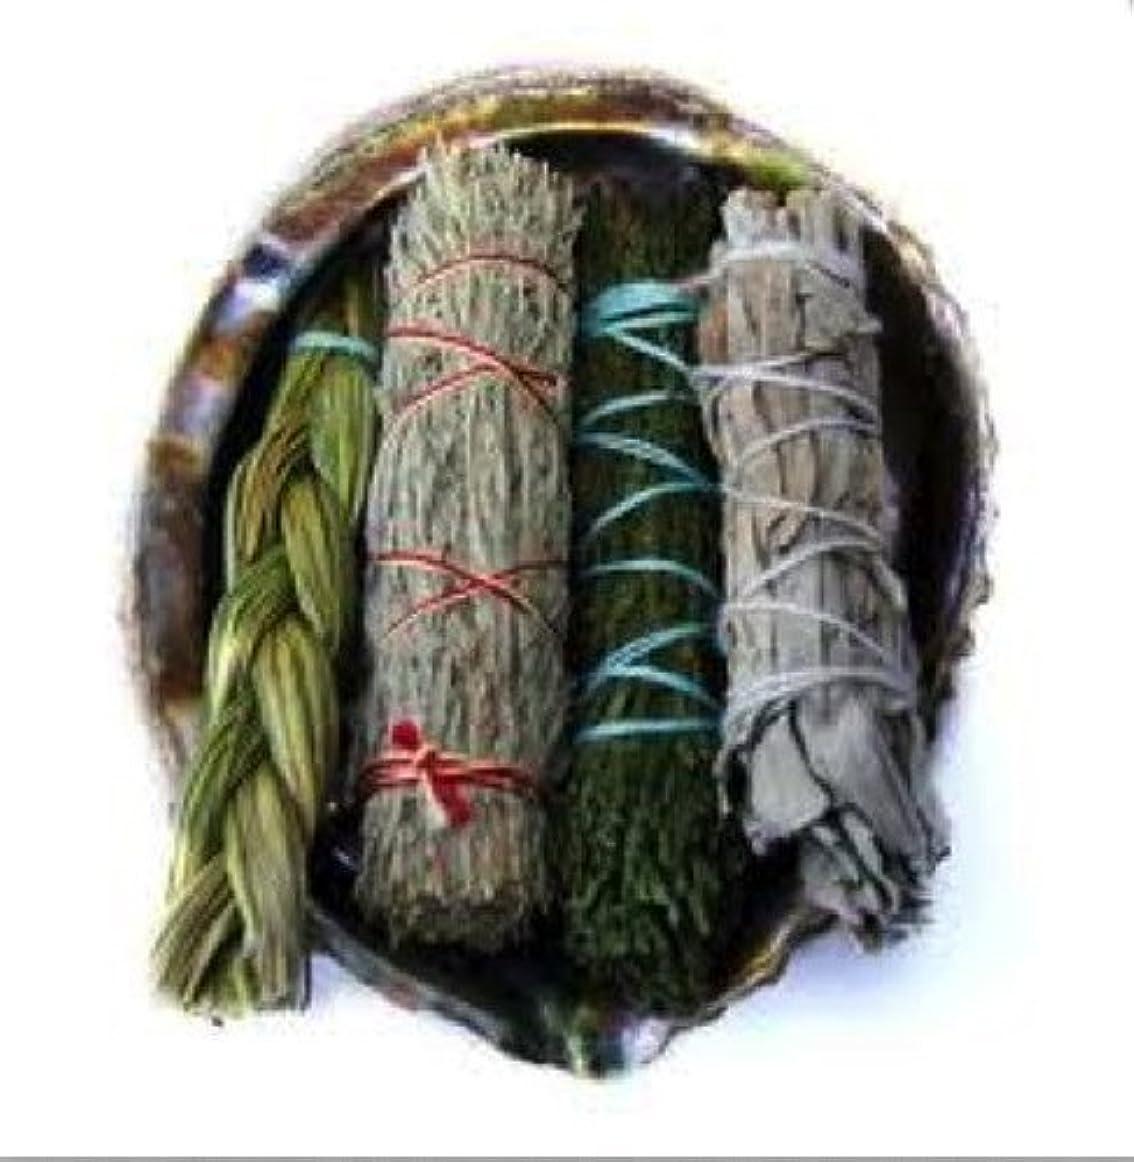 ロードされた遠征じゃないOfferings SmudgeキットIncludes Large Abaloneシェル、Sweetgrass三つ編み、ホワイトセージ、砂漠セージ、CedarセージSticks Plus砂